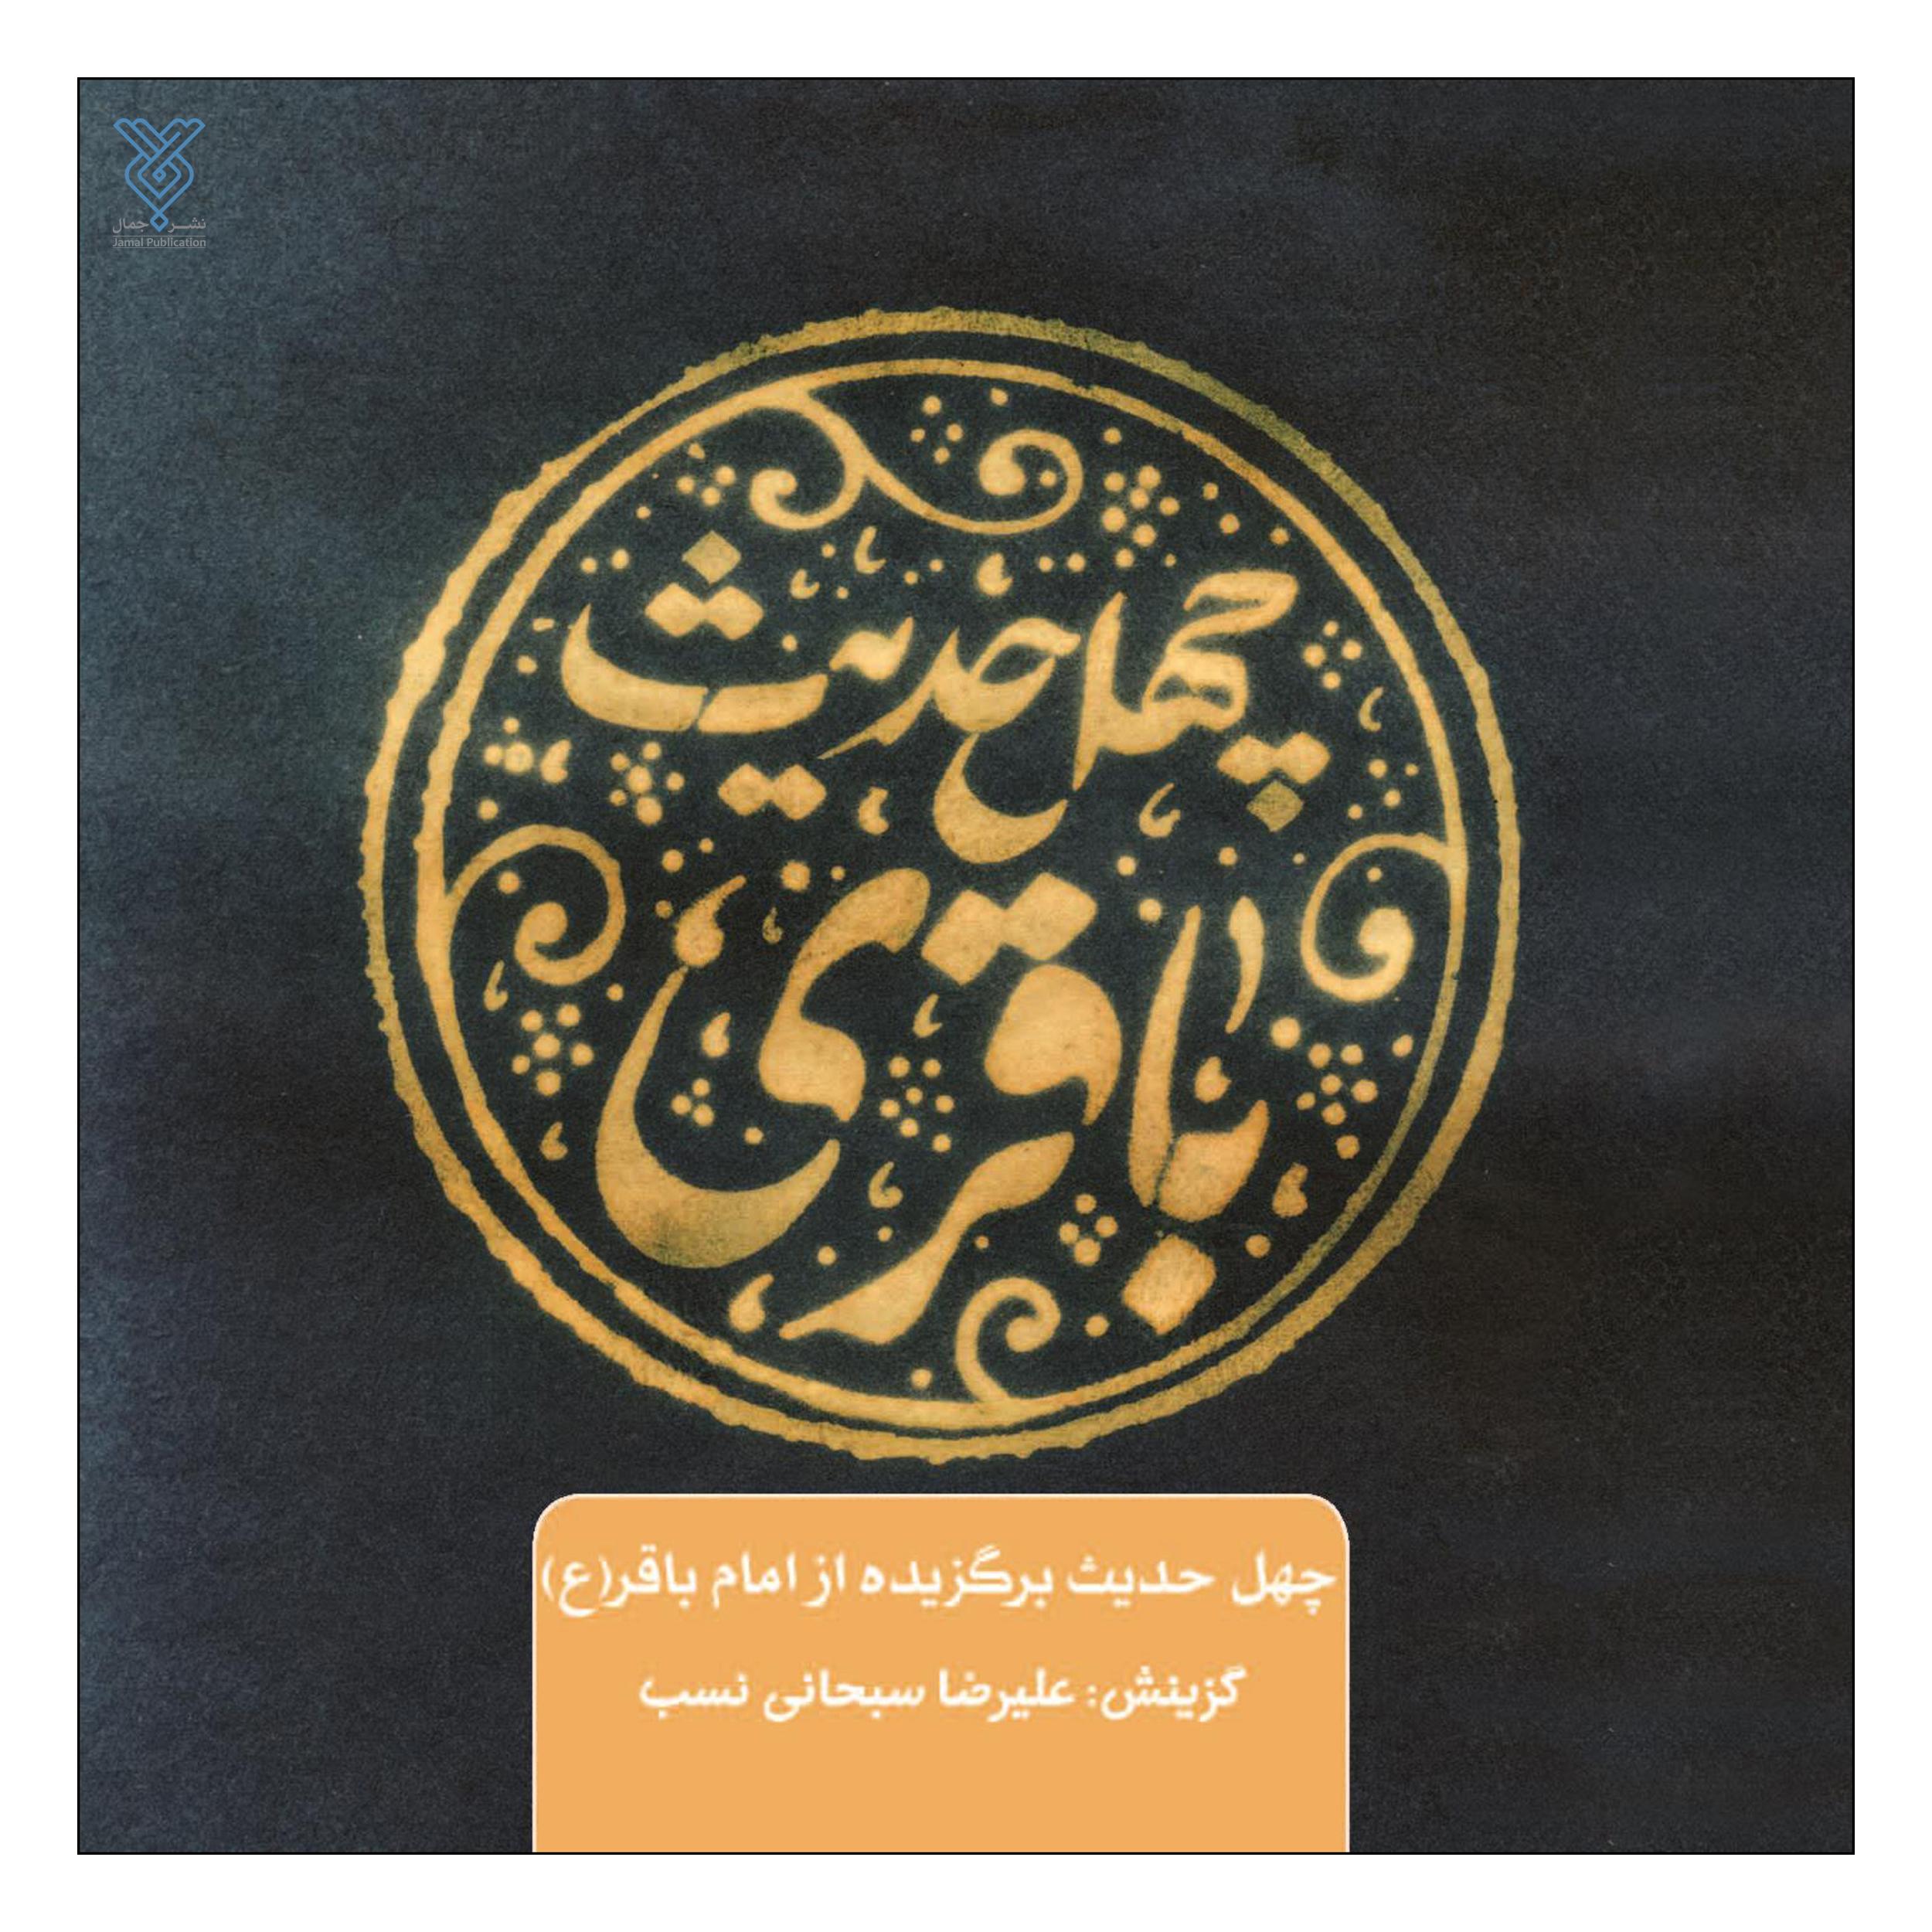 کتاب چهل حدیث باقری اثر علیرضا سبحانی نسب نشر جمال